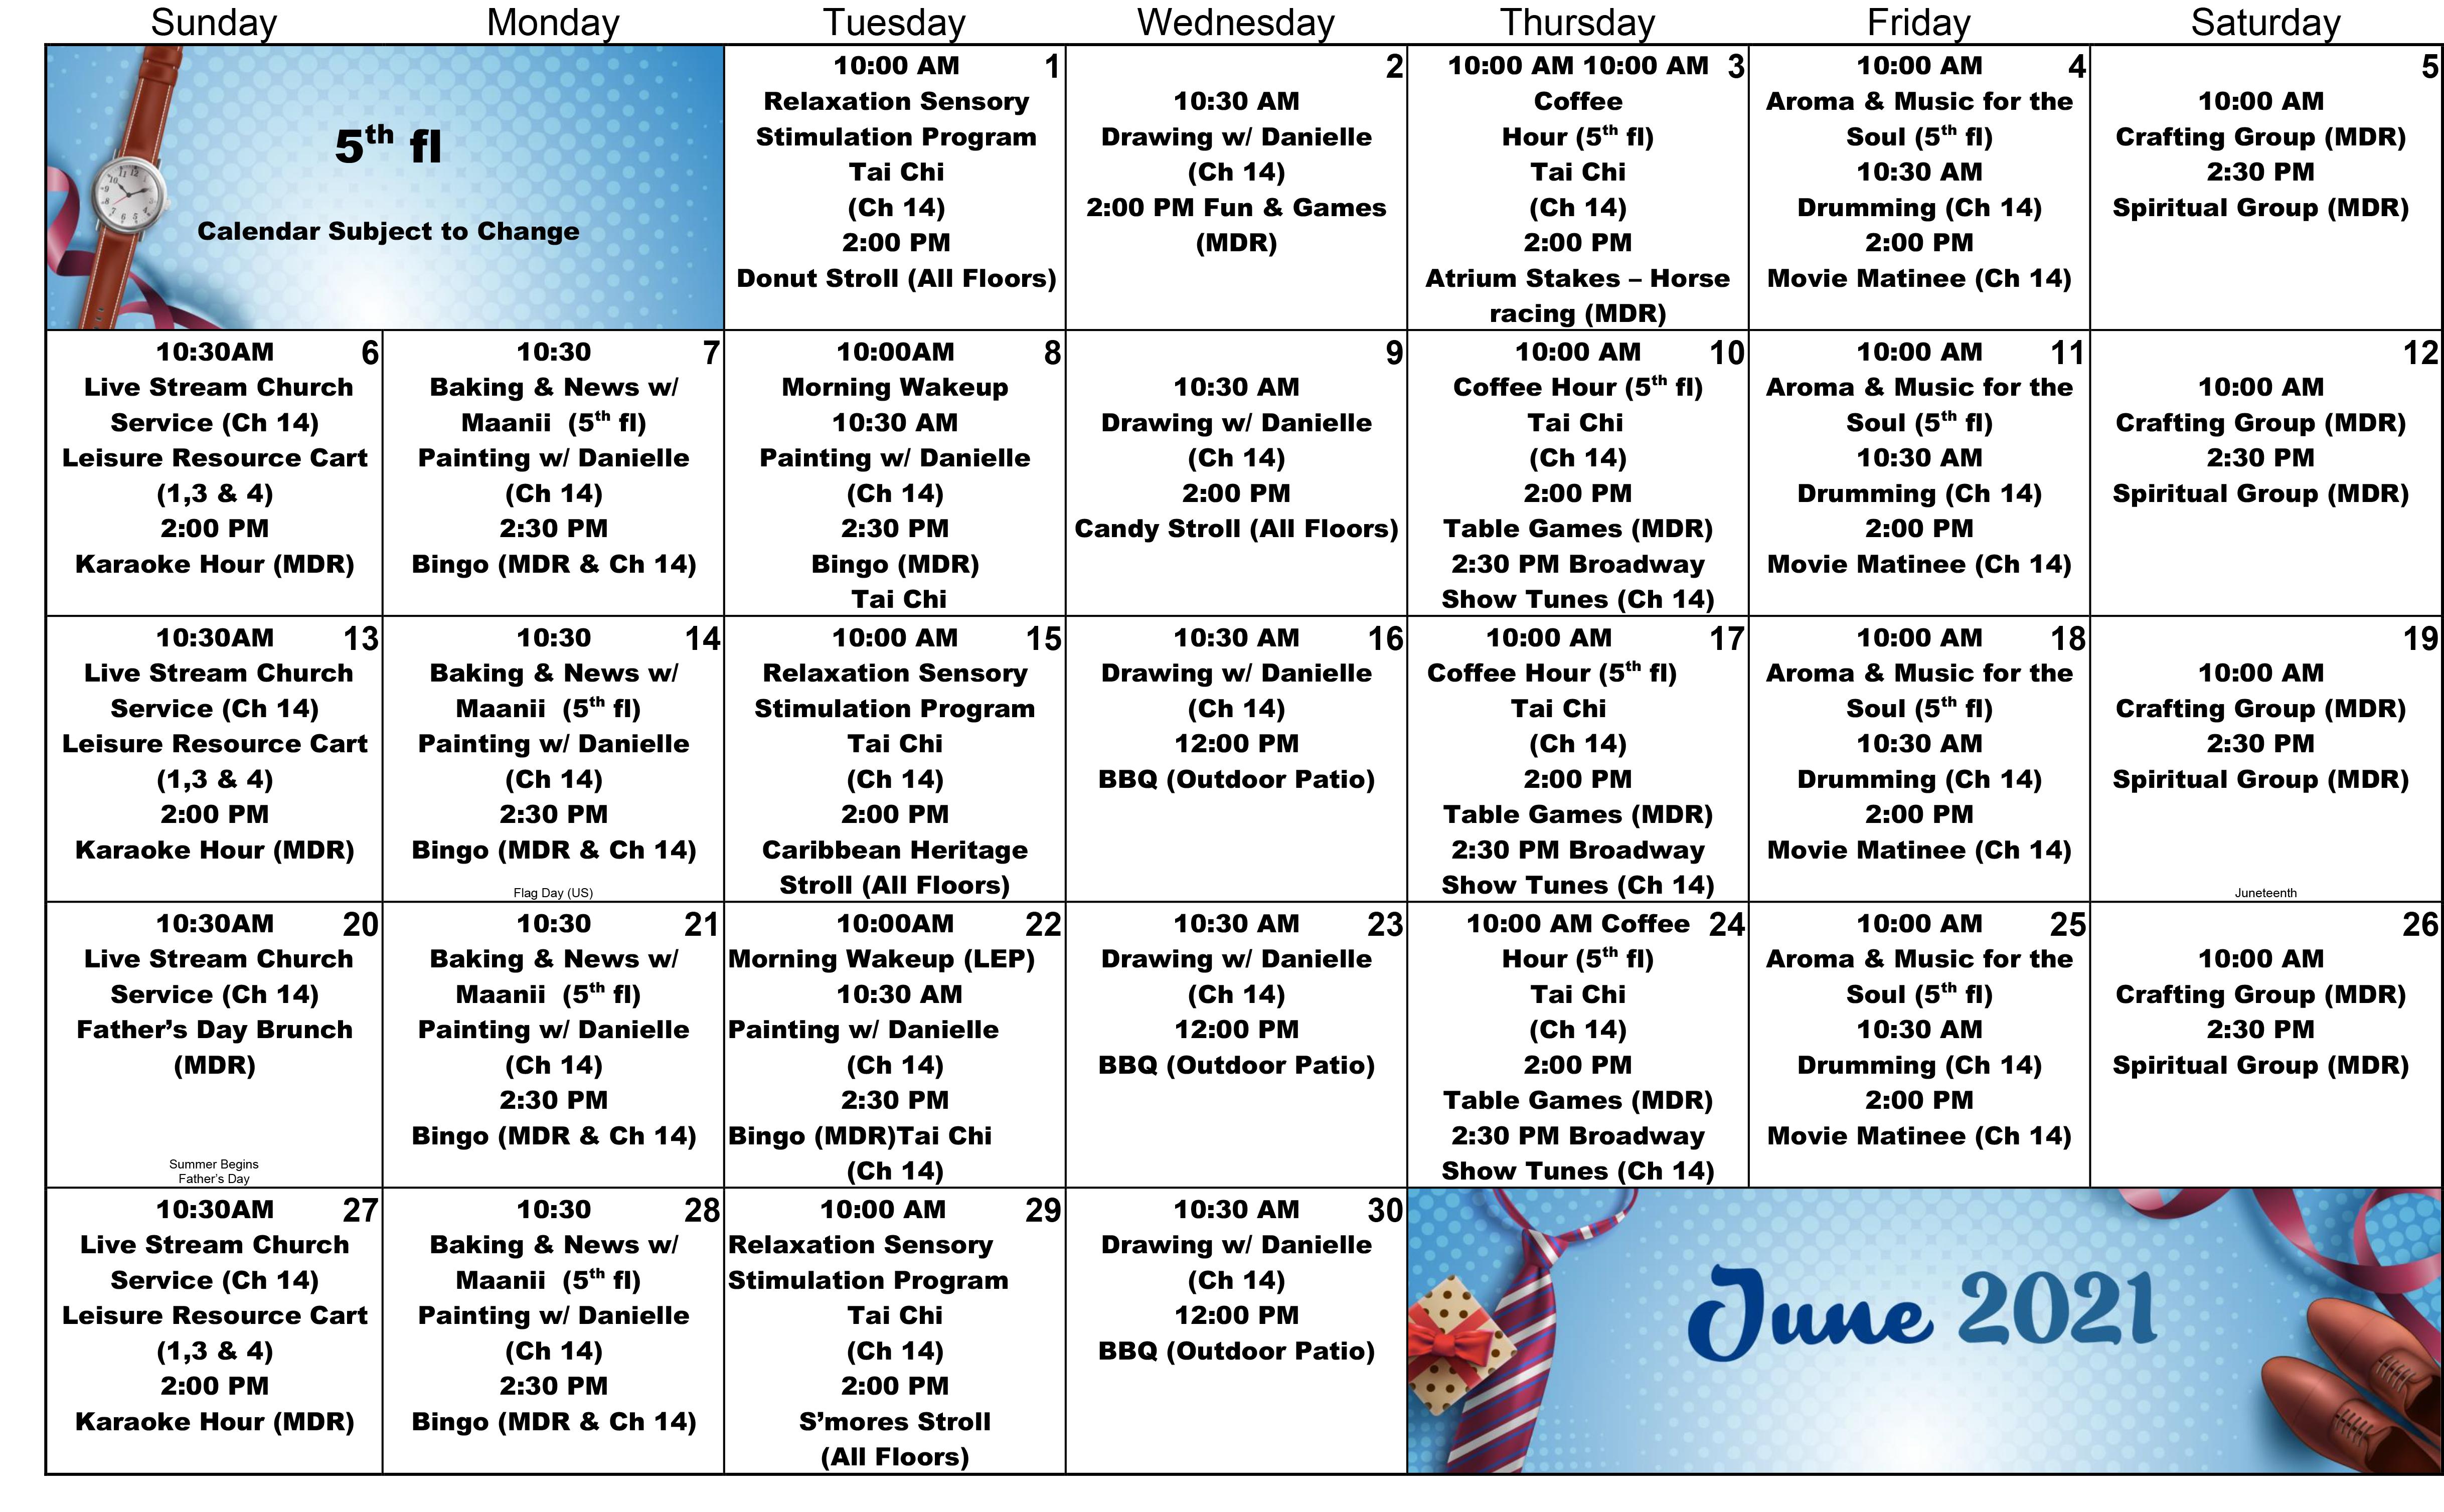 Atrium 5th Floor June Event Calendar 2021